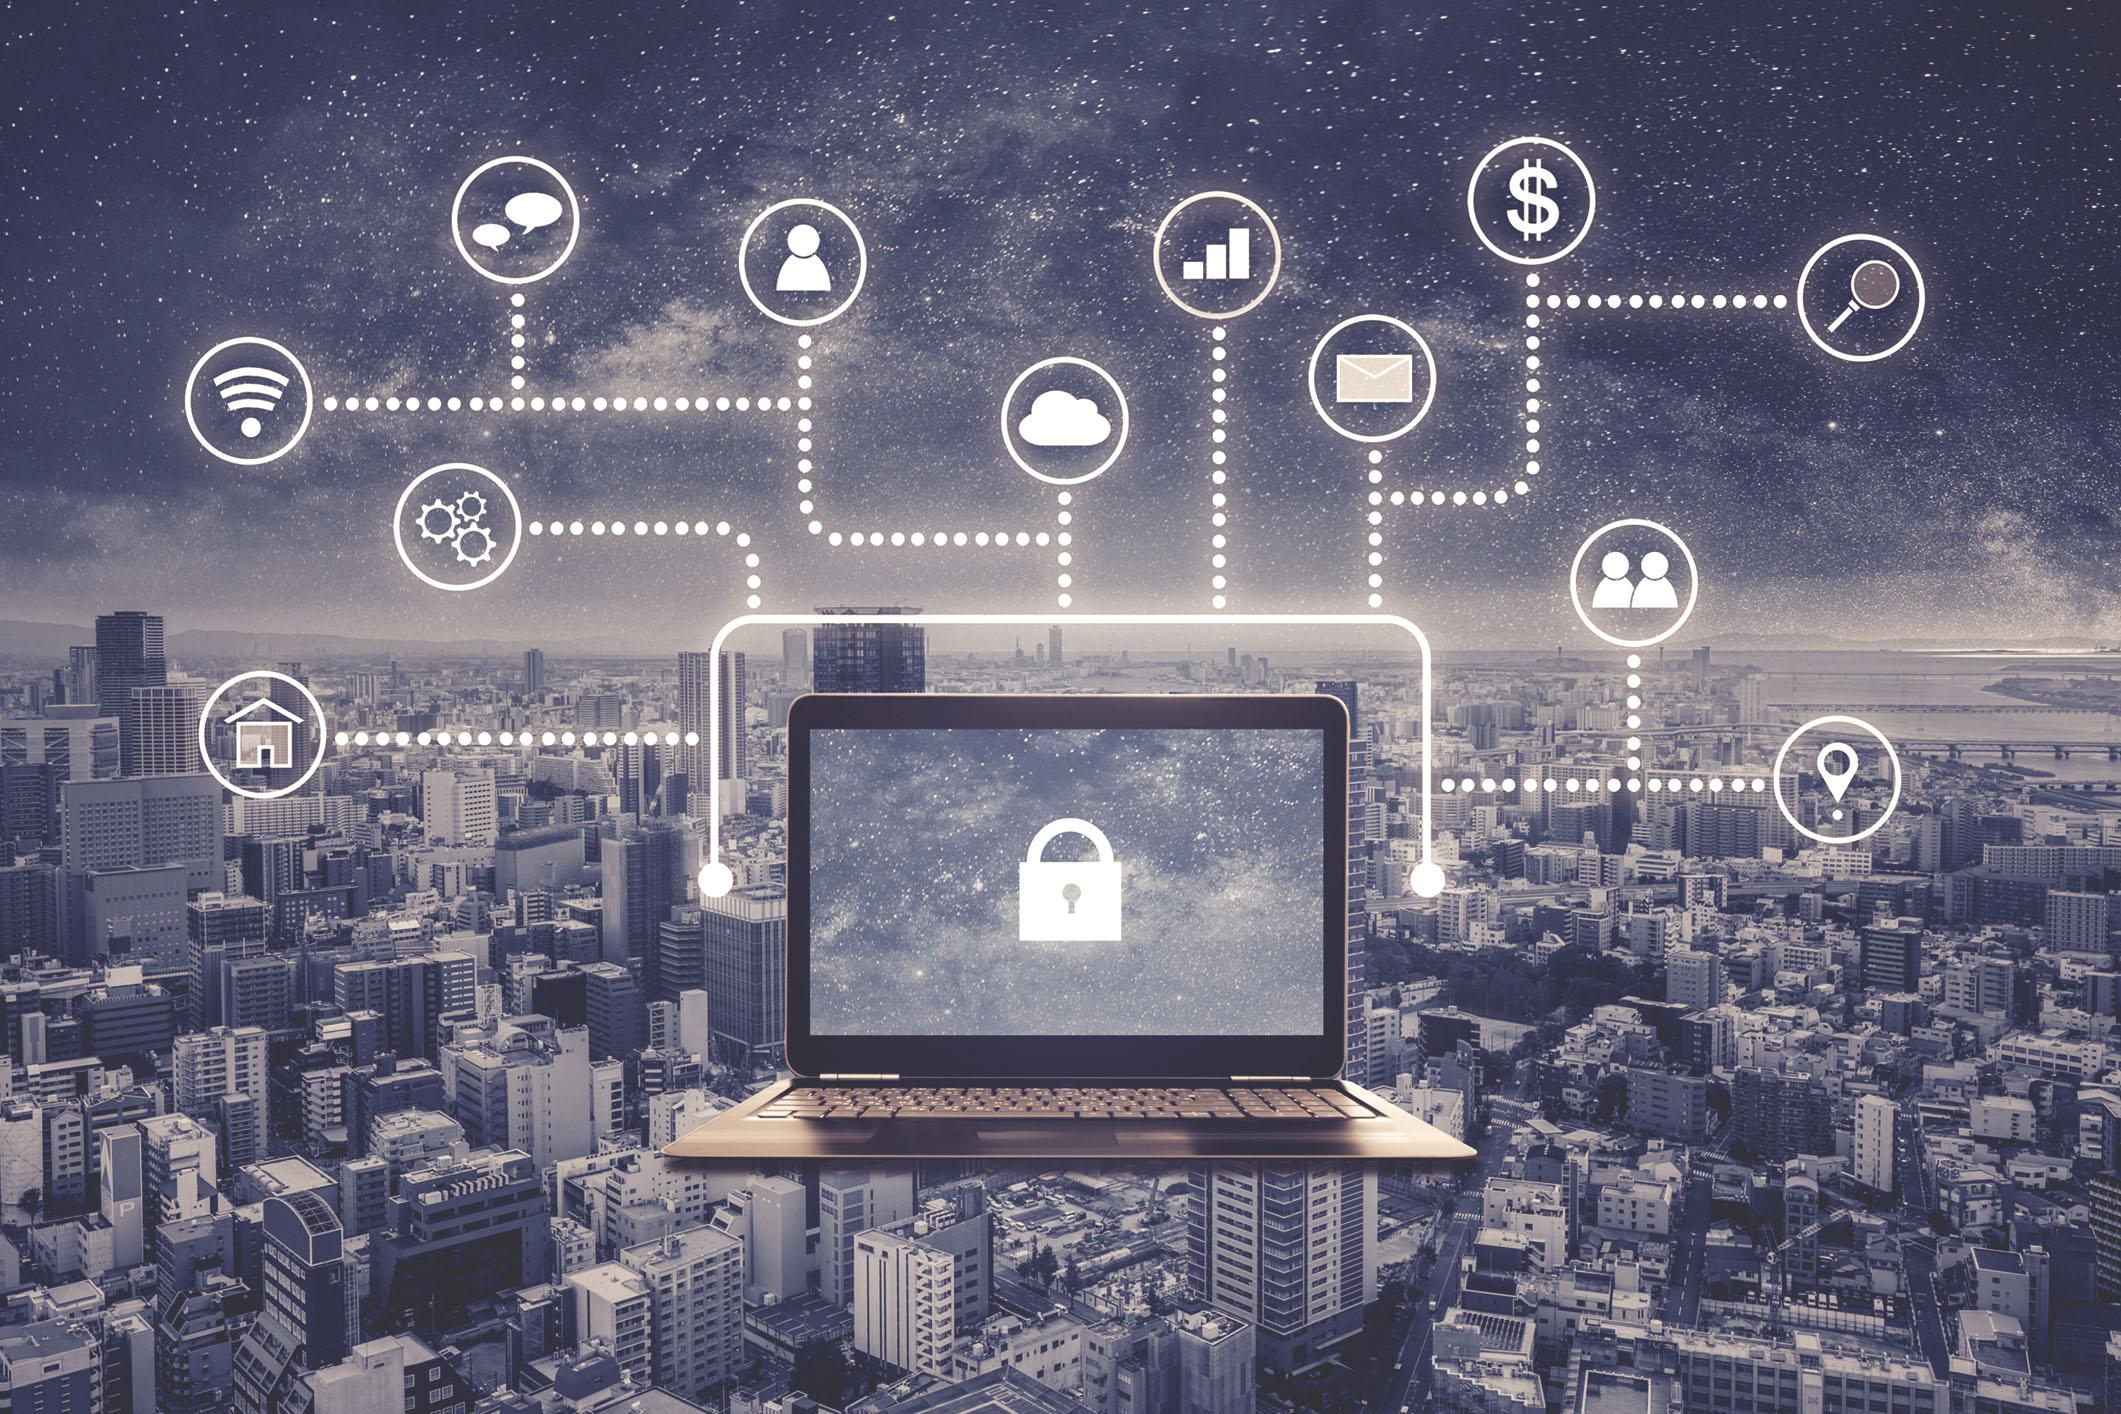 Dans le meilleur des mondes, l'entreprise confie à un opérateur la gestion de son réseau, tout en gardant la possibilité de réaliser certaines tâches d'administration.